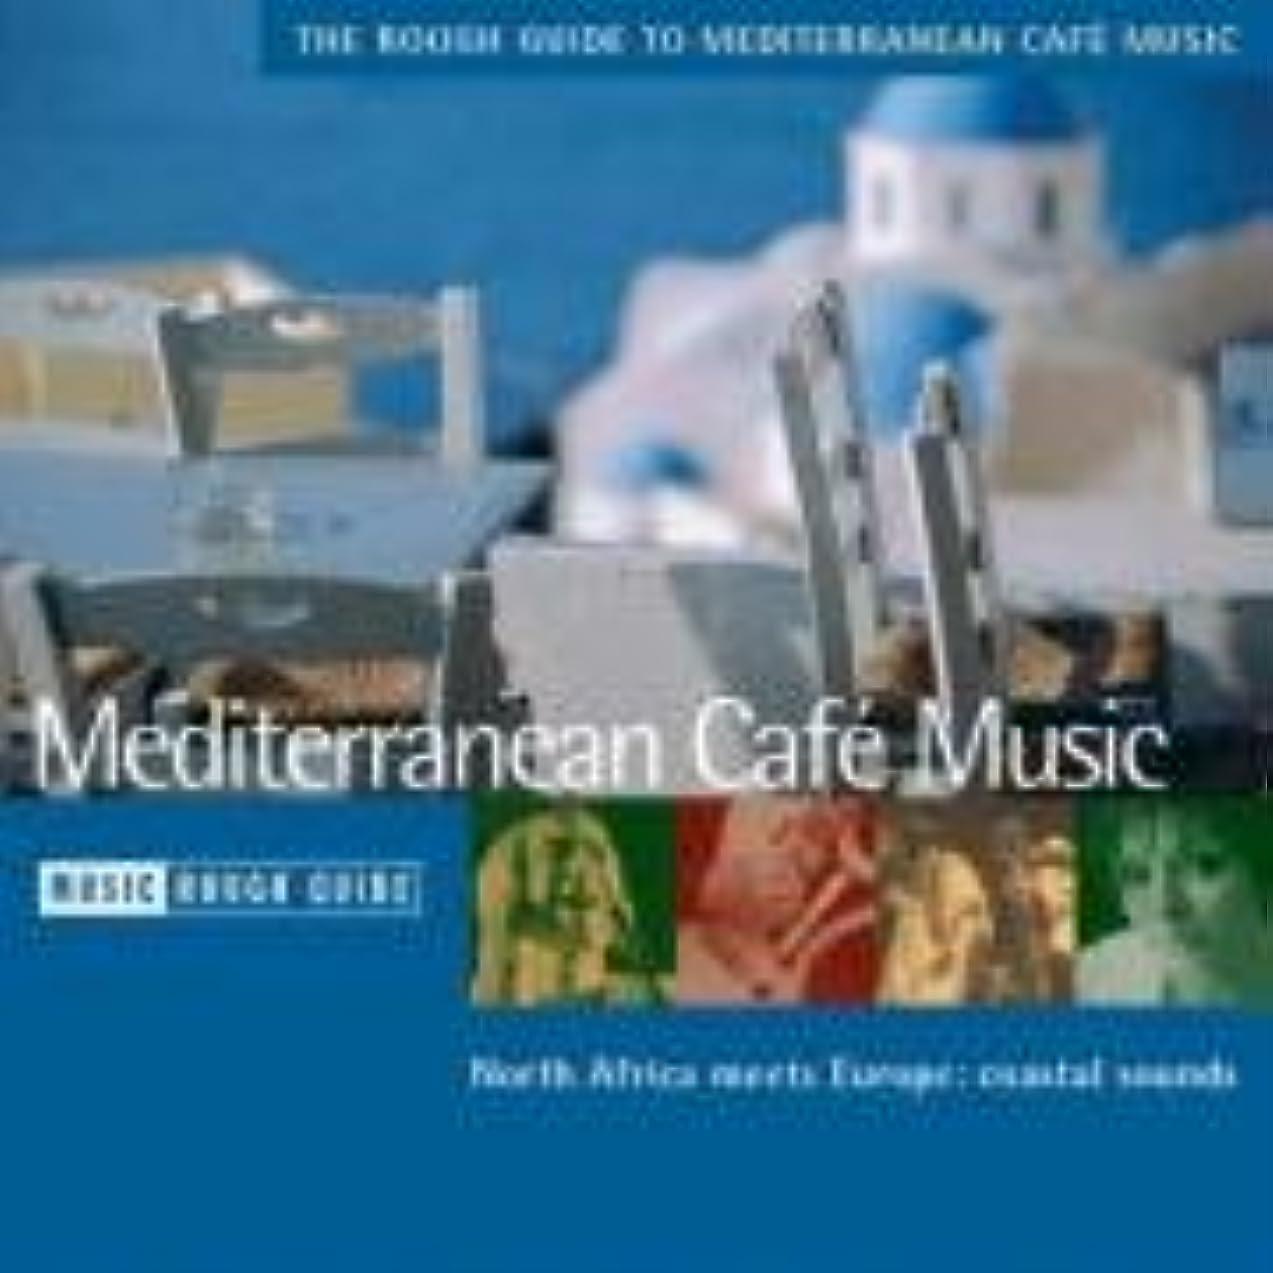 億奇妙な冬The Rough Guide to Mediterranean Café (Rough Guide World Music CDs)